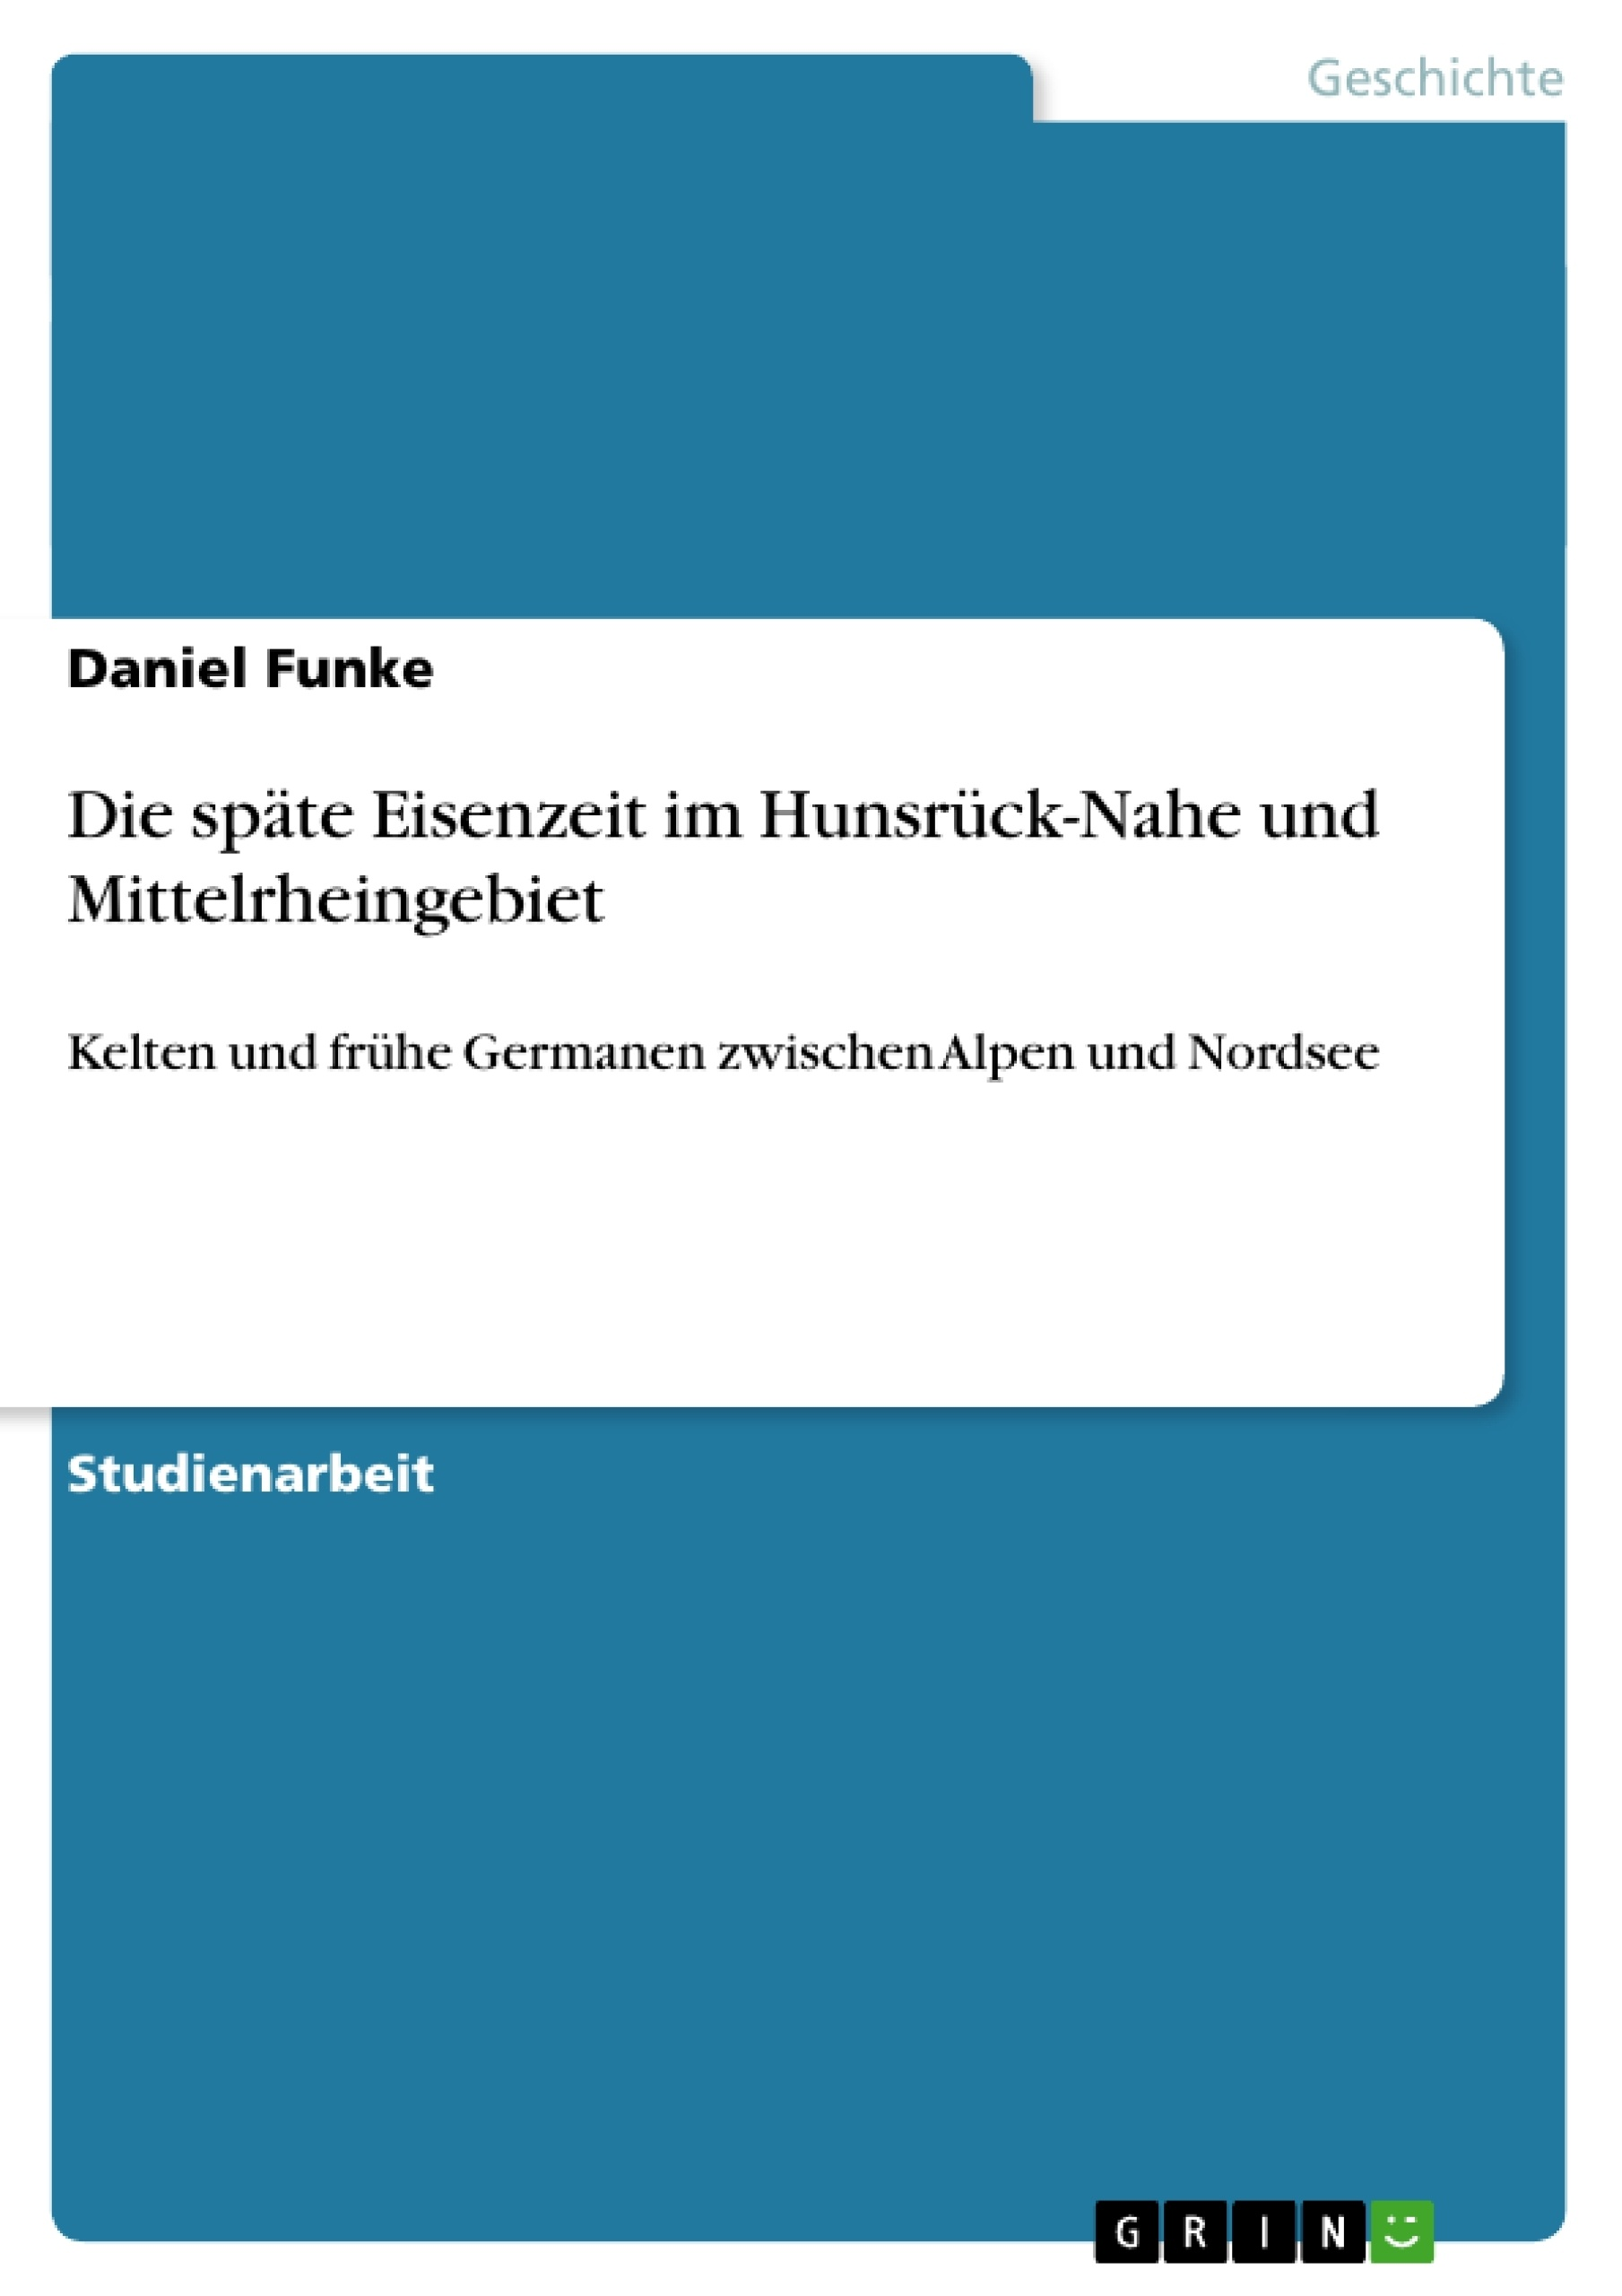 Titel: Die späte Eisenzeit im Hunsrück-Nahe und Mittelrheingebiet